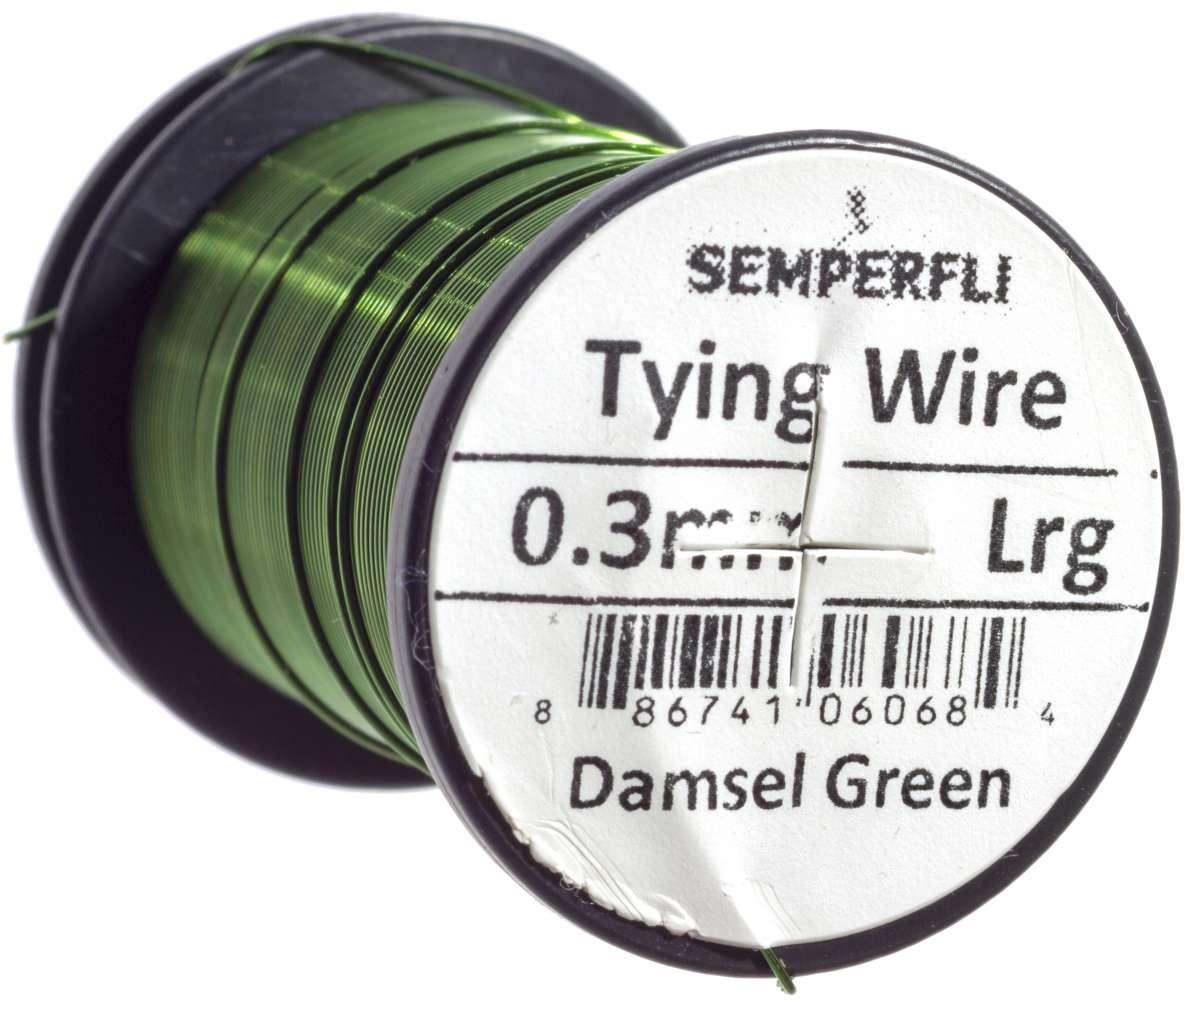 0.3mm Fly Tying Wire Damsel Green